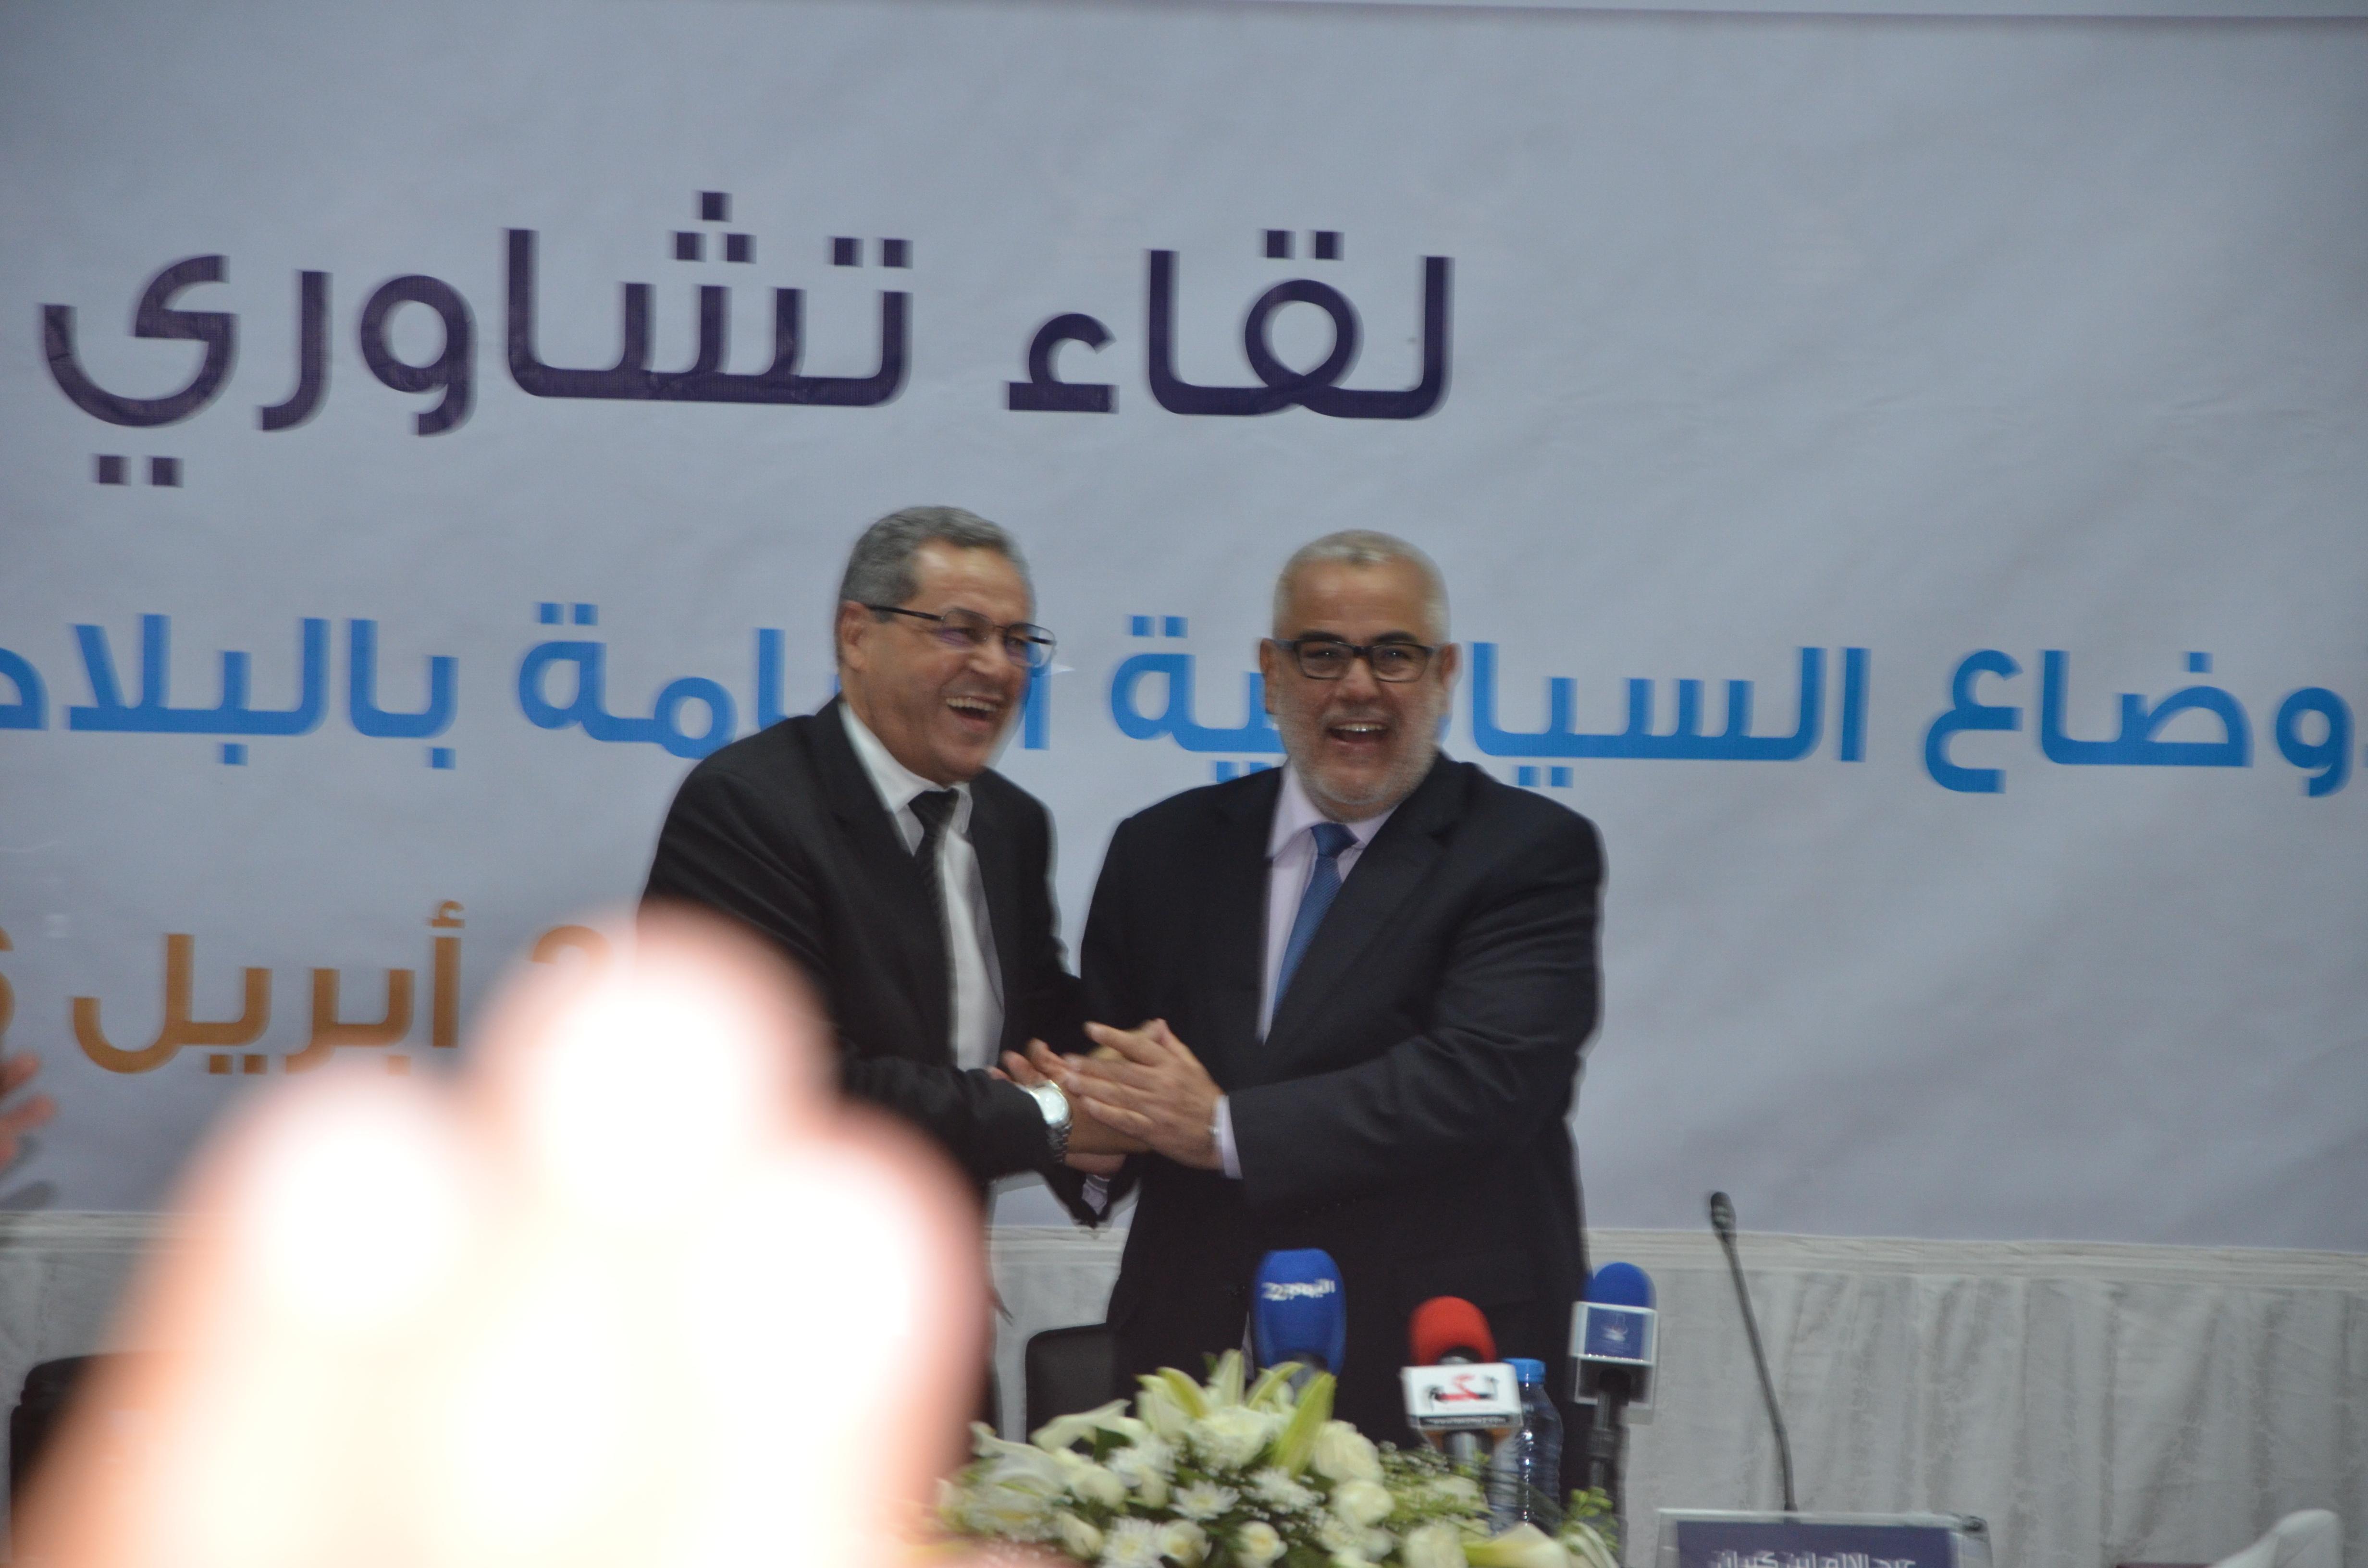 """بن كيران…..""""انا مكاجي مع الملك…وما باغيش نعيشيو تجربة بنعلي في تونس"""